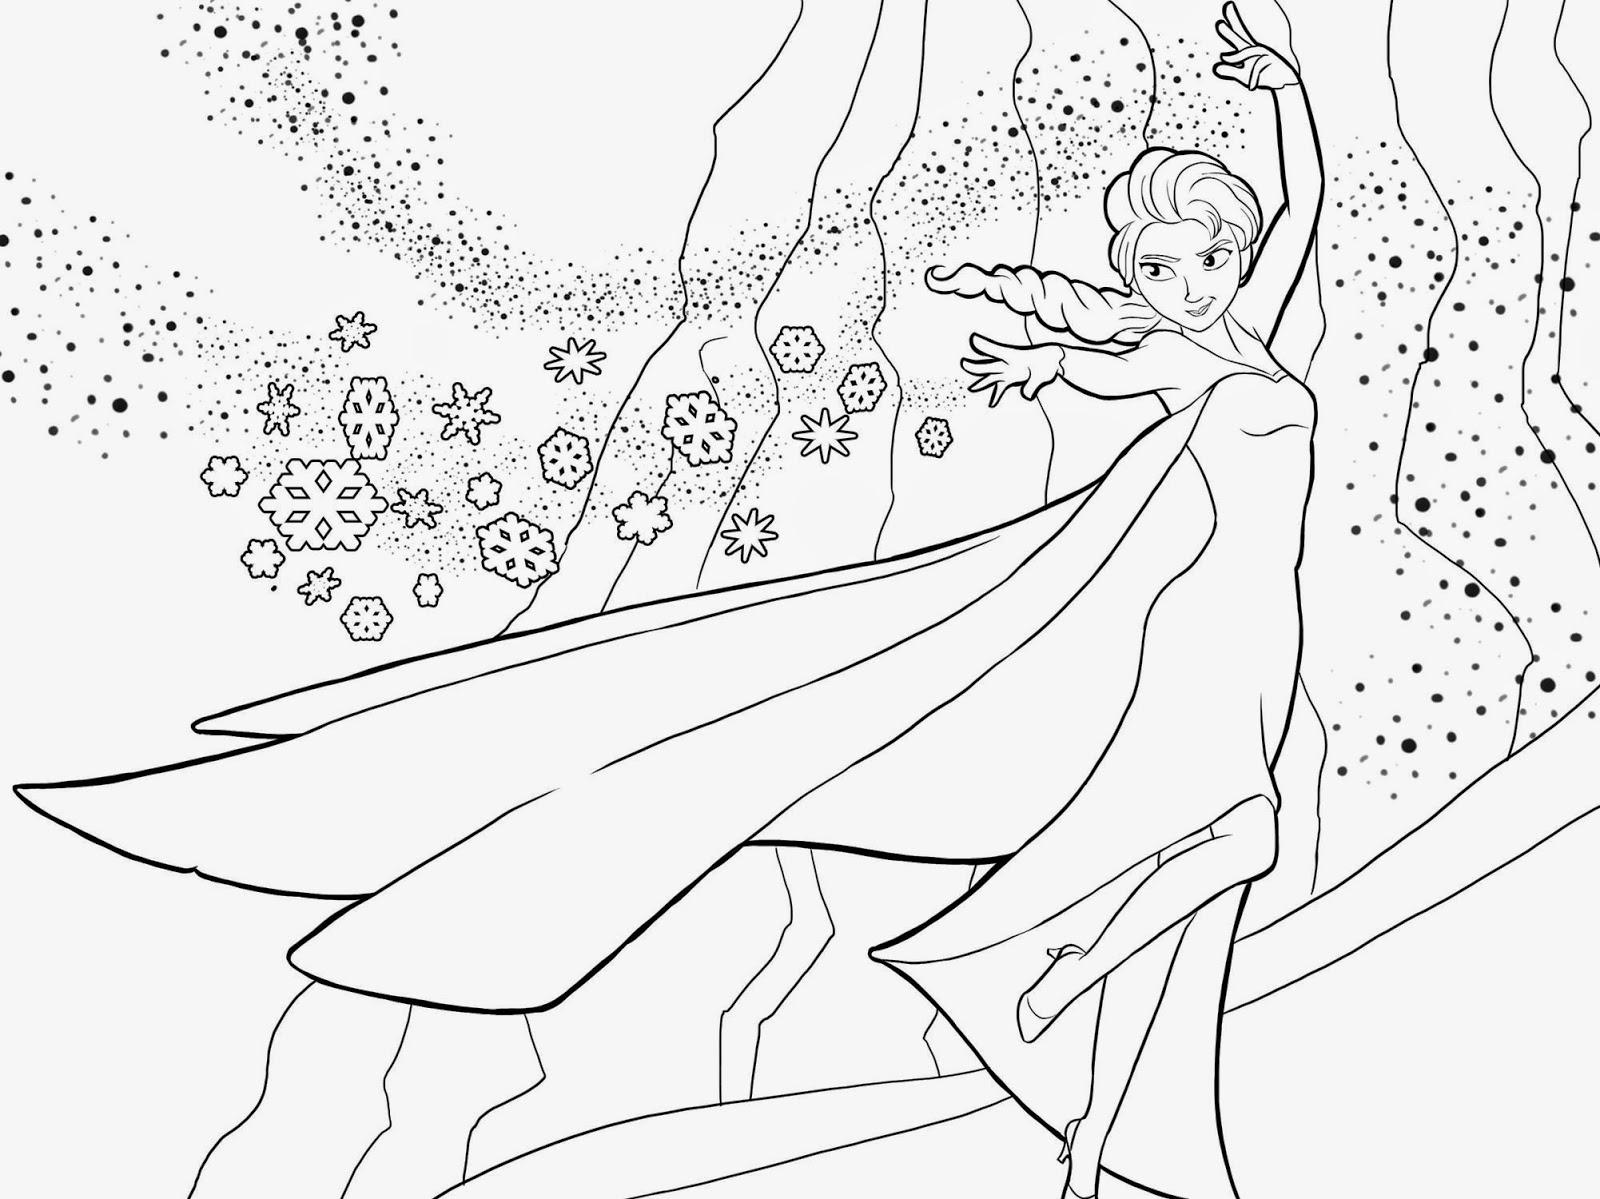 imagens para colorir frozen - Desenhos de Frozen para Colorir Colorir